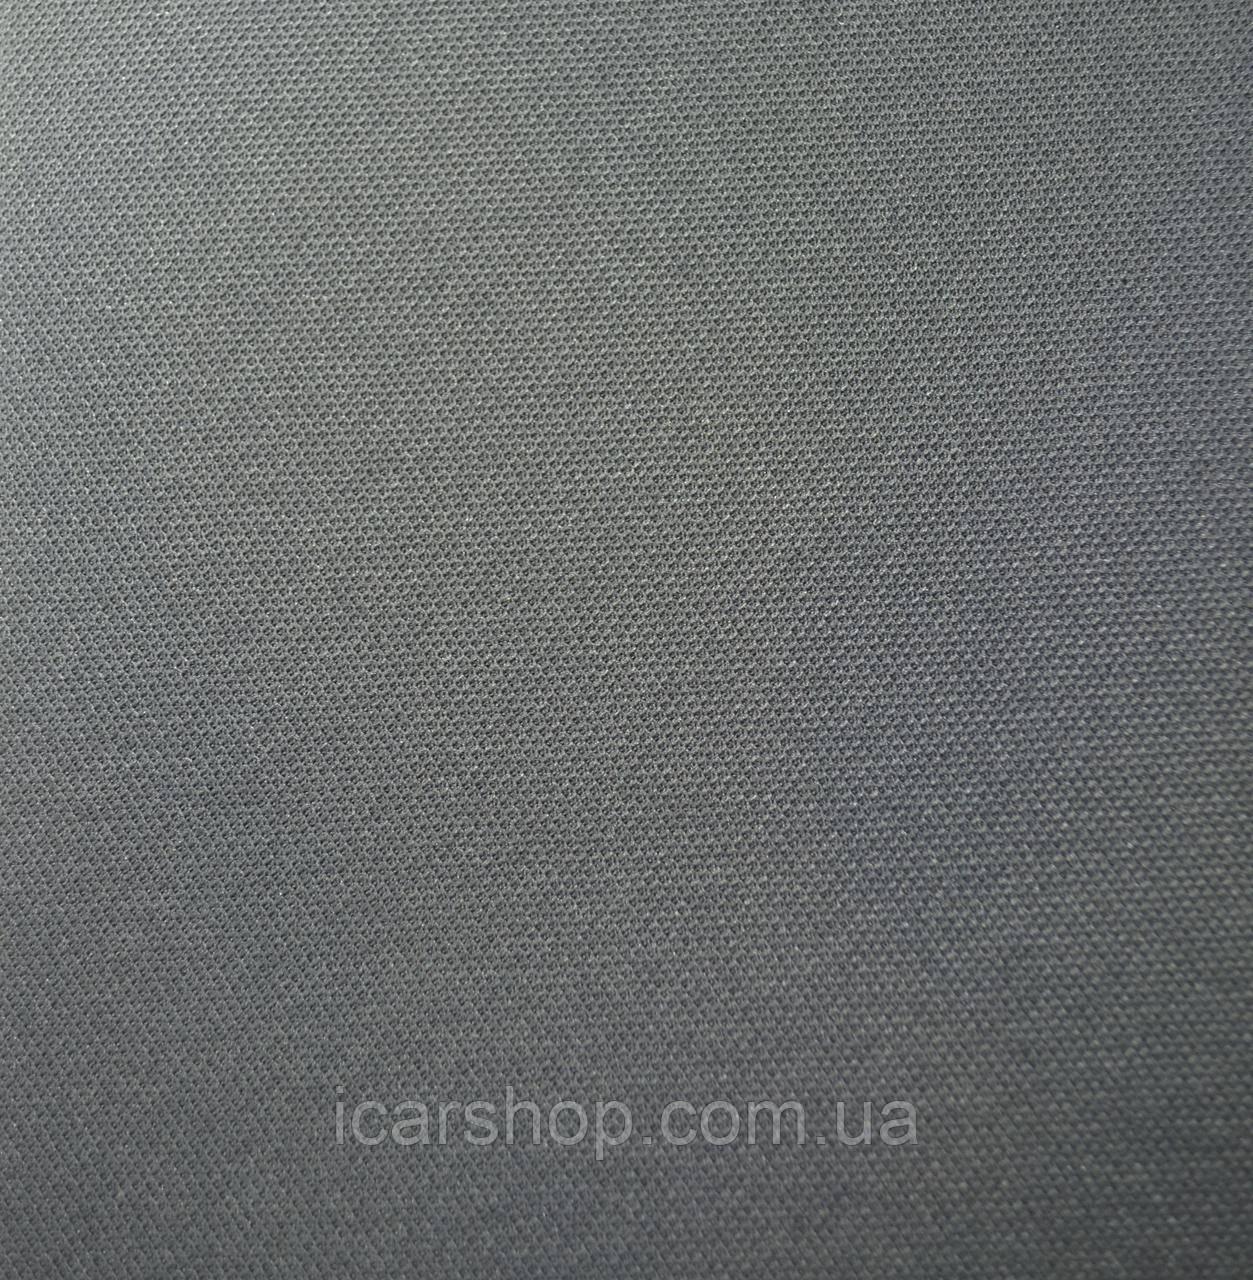 Потолочная ткань Lacosta Silvor 676